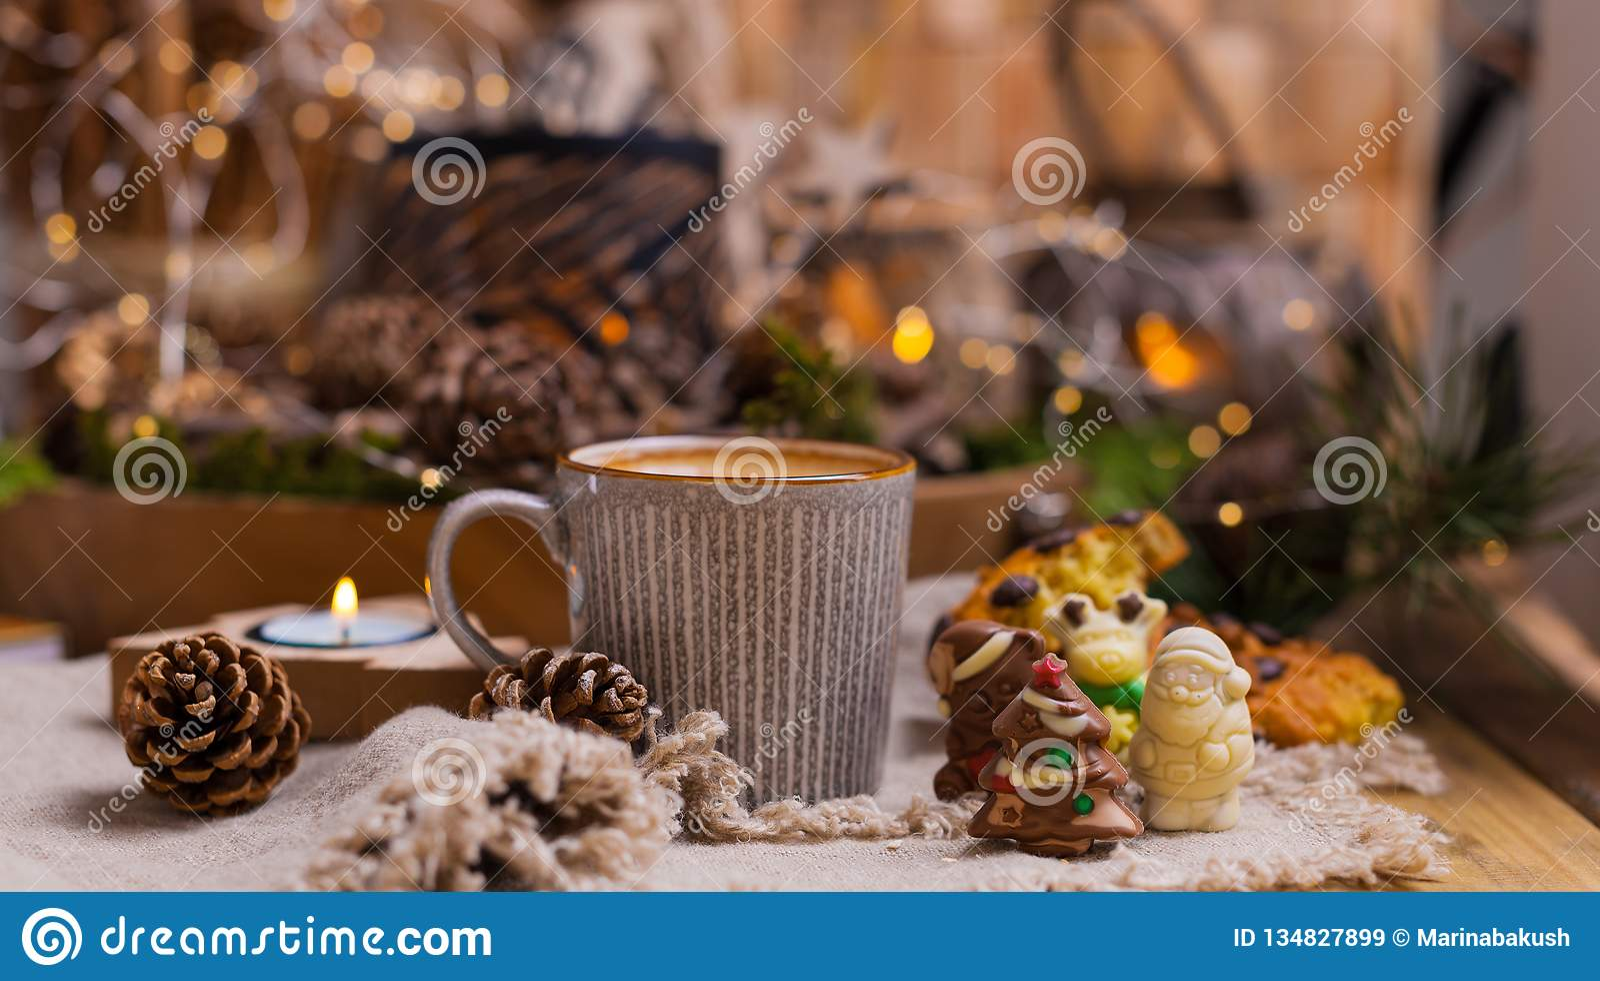 Душистый кофе, шоколады в форме диаграмм рождества Печенья и горячий напиток на праздник Уютная атмосфера, свечи